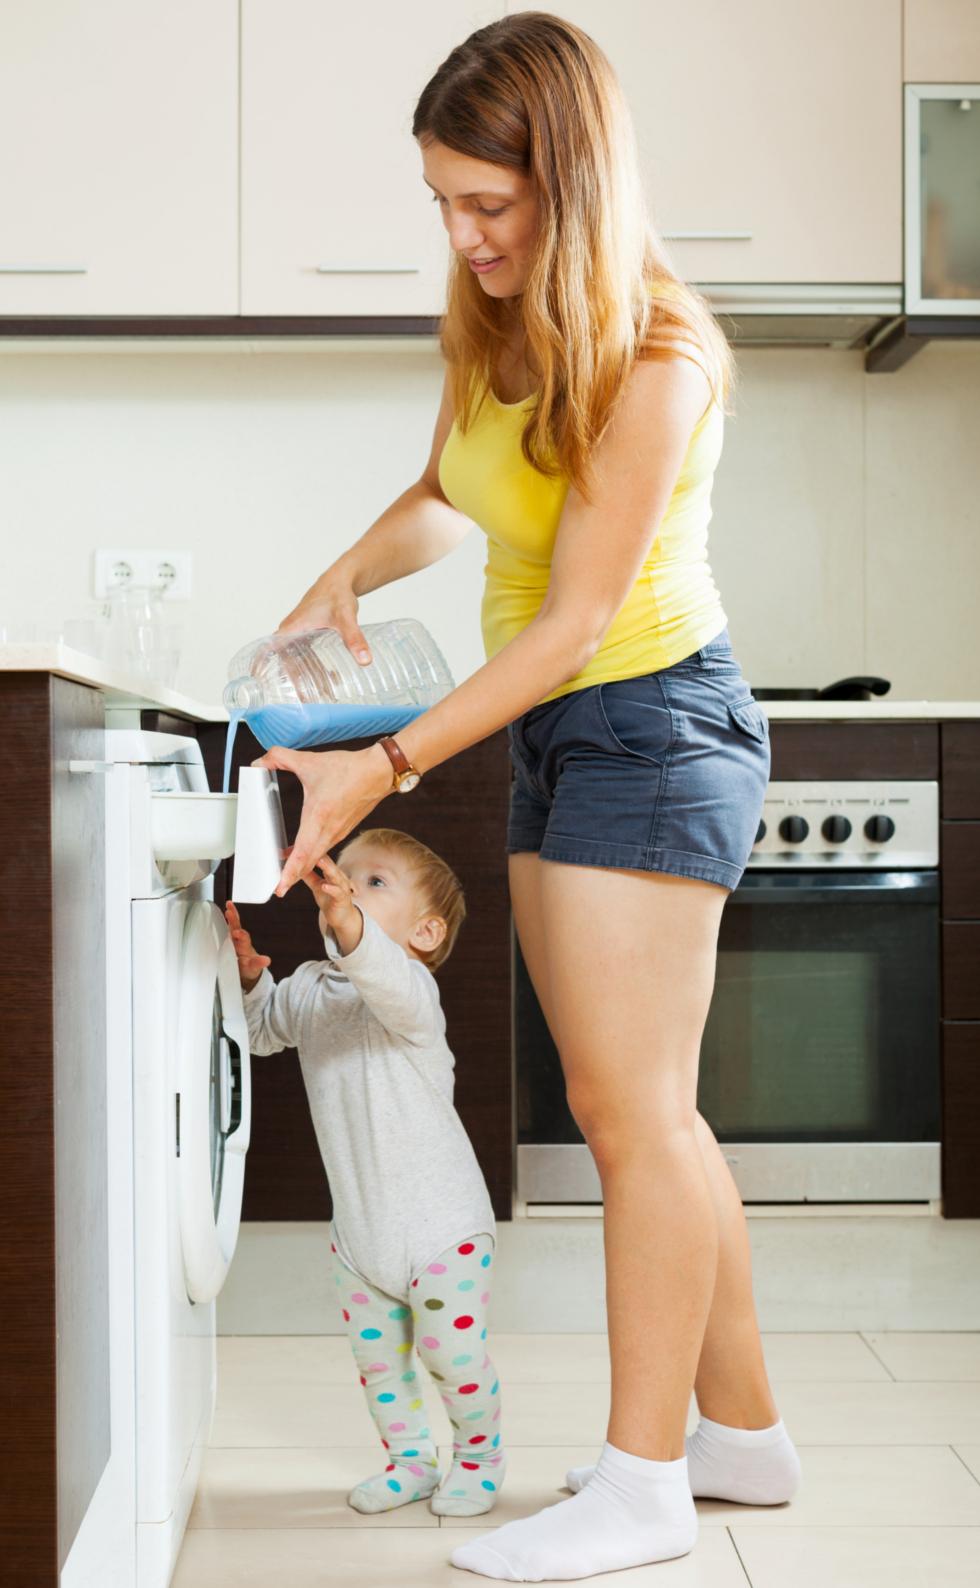 Mutter mit Kind in Küche